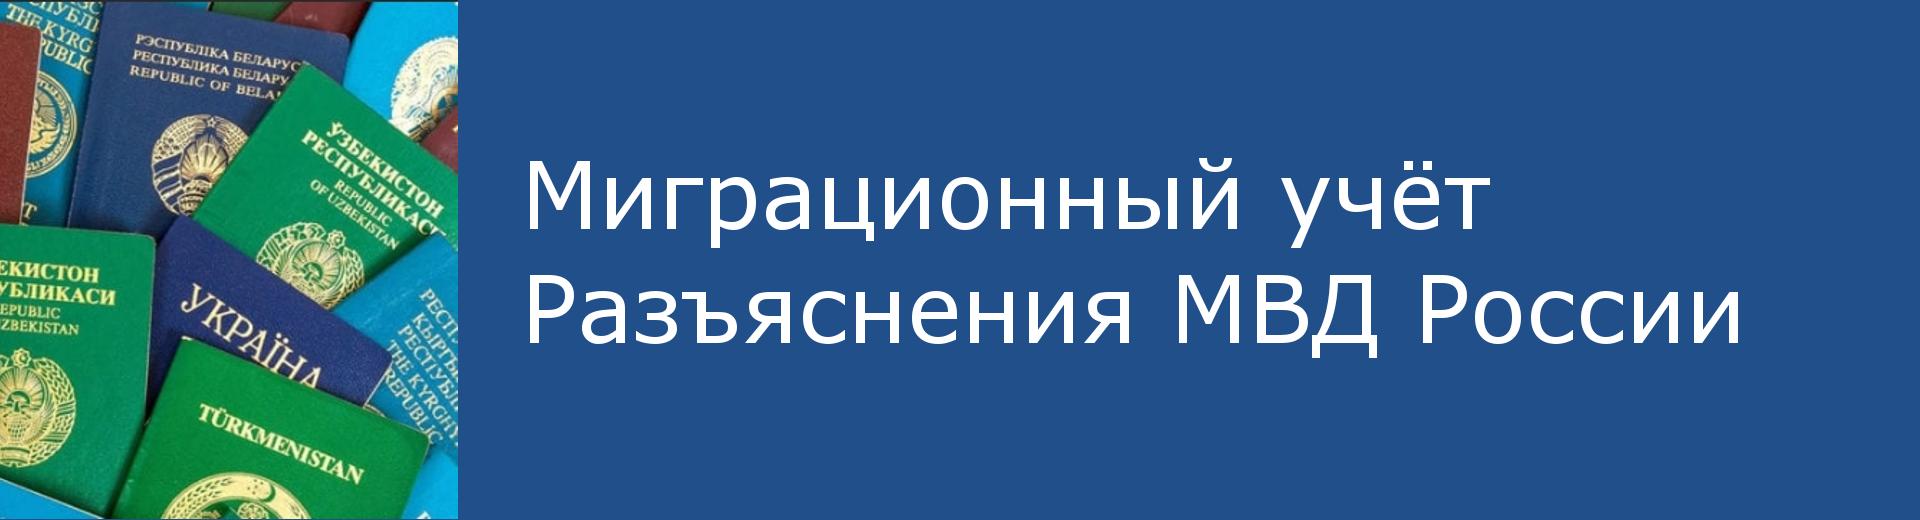 Портал КФУ \ Международная деятельность